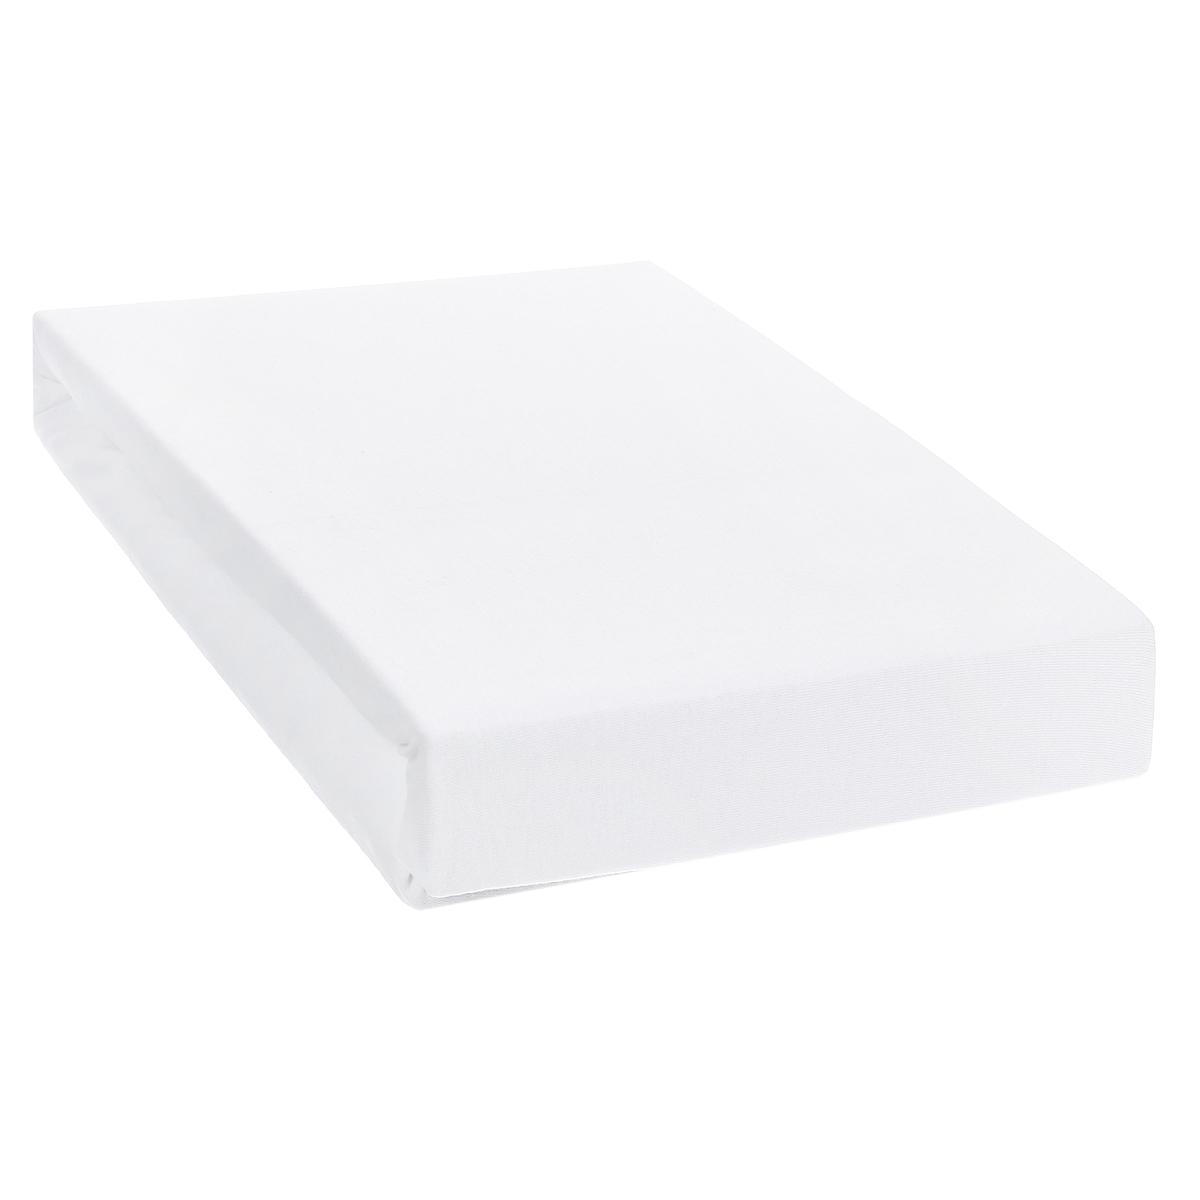 Простыня на резинке Tete-a-Tete, цвет: снег, 160 х 200 смТ-ПР-3001Однотонная трикотажная простыня на резинке Tete-a-Tete выполнена из натурального хлопка. Высочайшее качество материала гарантирует безопасность не только взрослых, но и самых маленьких членов семьи. Простыня гармонично впишется в интерьер вашего дома и создаст атмосферу уюта и комфорта. Особенности коллекции Tete-a-Tete: - выдерживает более 100 стирок практически без изменения внешнего вида, - модные цвета и стойкие оттенки, - минимальная усадка, - надежные резинки и износостойкая ткань, - безупречное качество, - гиппоаллергенно. Коллекция Tete-a-Tete специально создана для практичных людей, которые ценят качество и долговечность вещей, окружают своих близких теплотой и заботой.